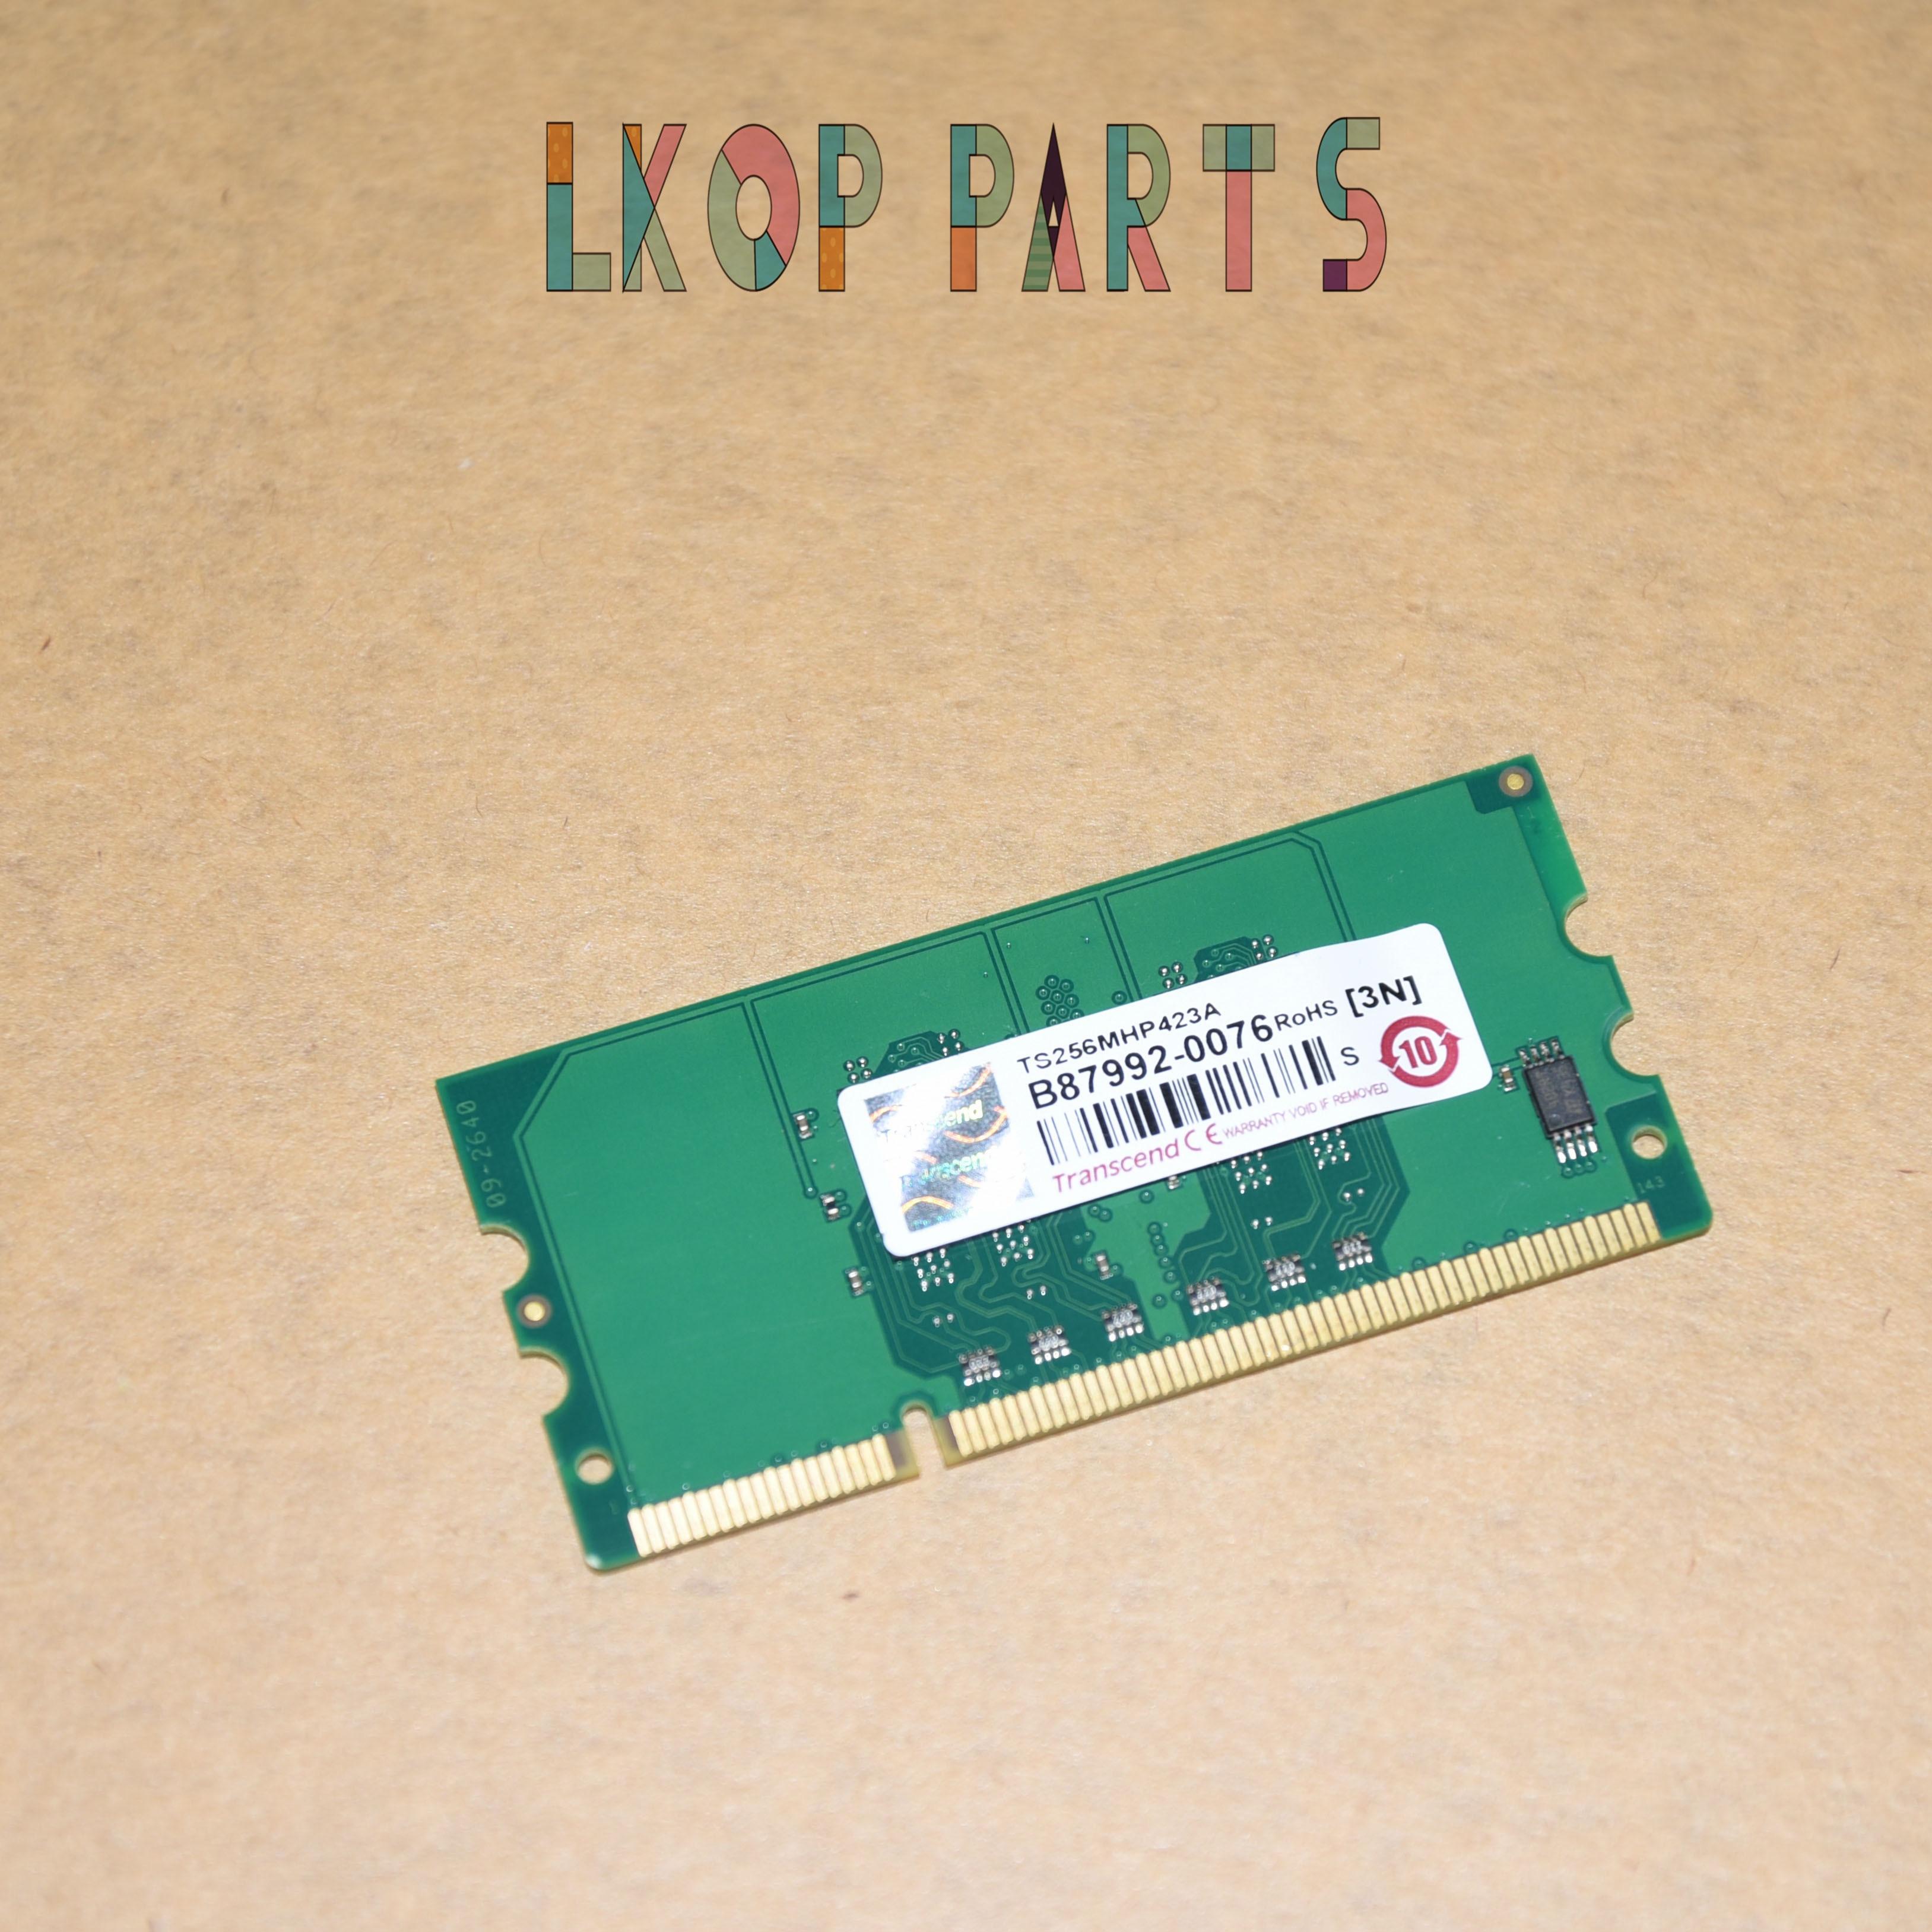 1pcs  256MB Memory Module For HP P2015 P2055 P3055 M2727 M475 CM2320 CP2025 M351a M451 CP1515 CP1518 CP5220 CP5225 CB423A 256MB